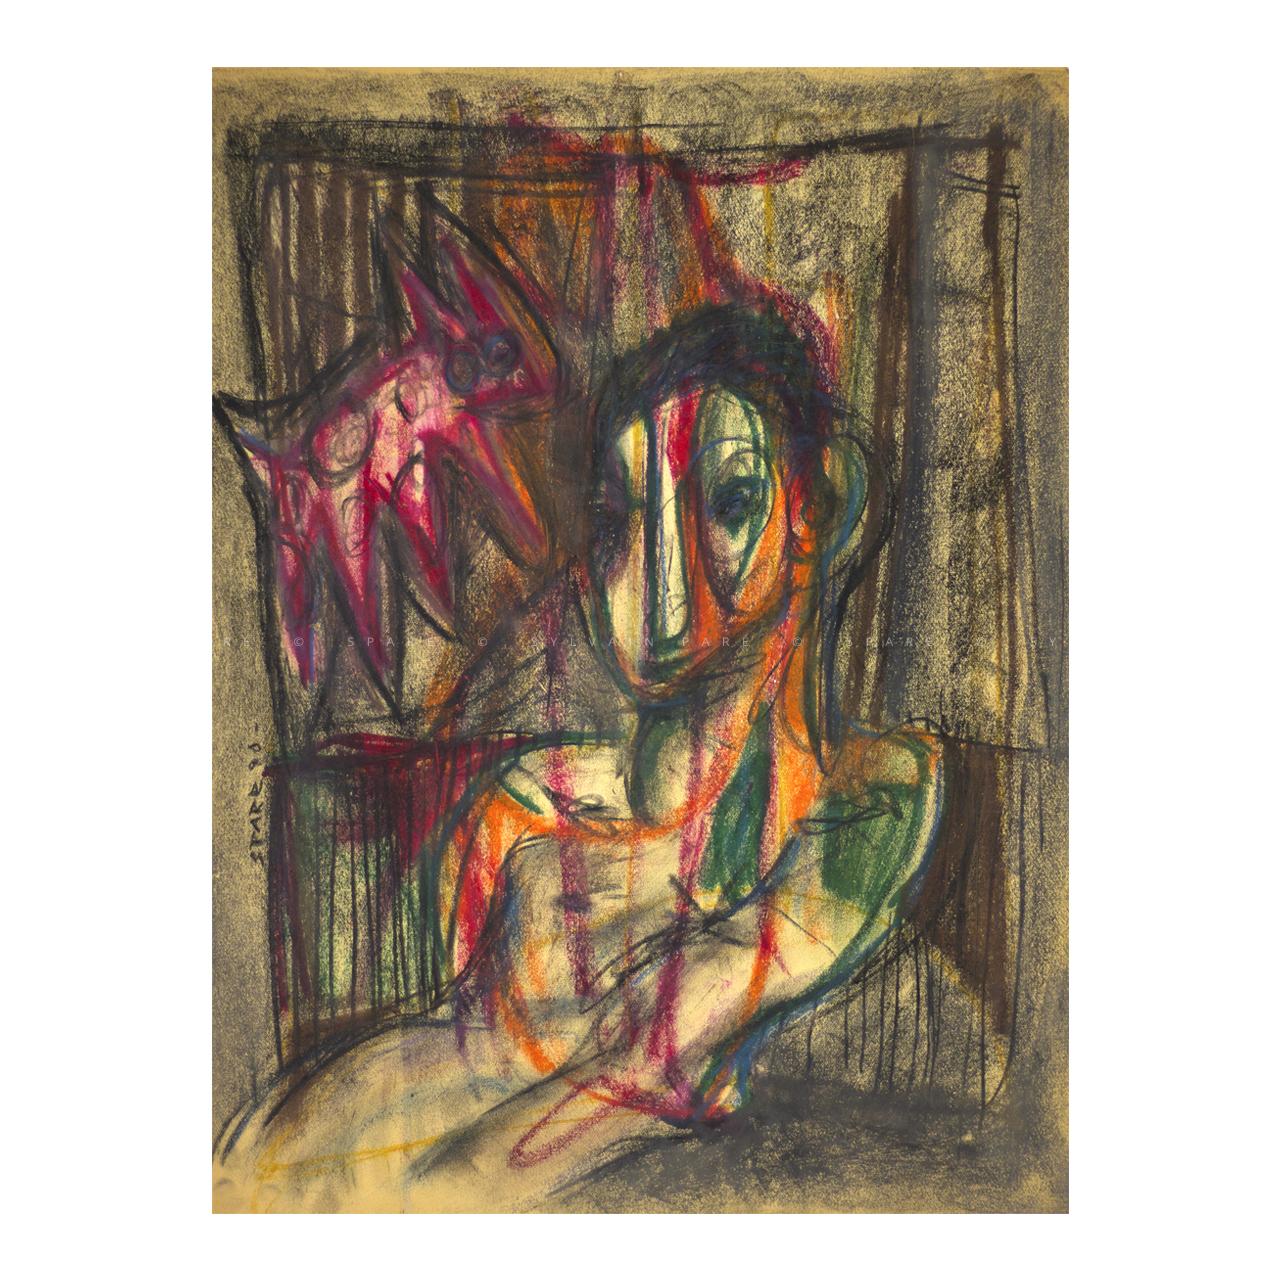 sylvain-pare-spare-artwork-1280x1280_IMG_0107.jpg